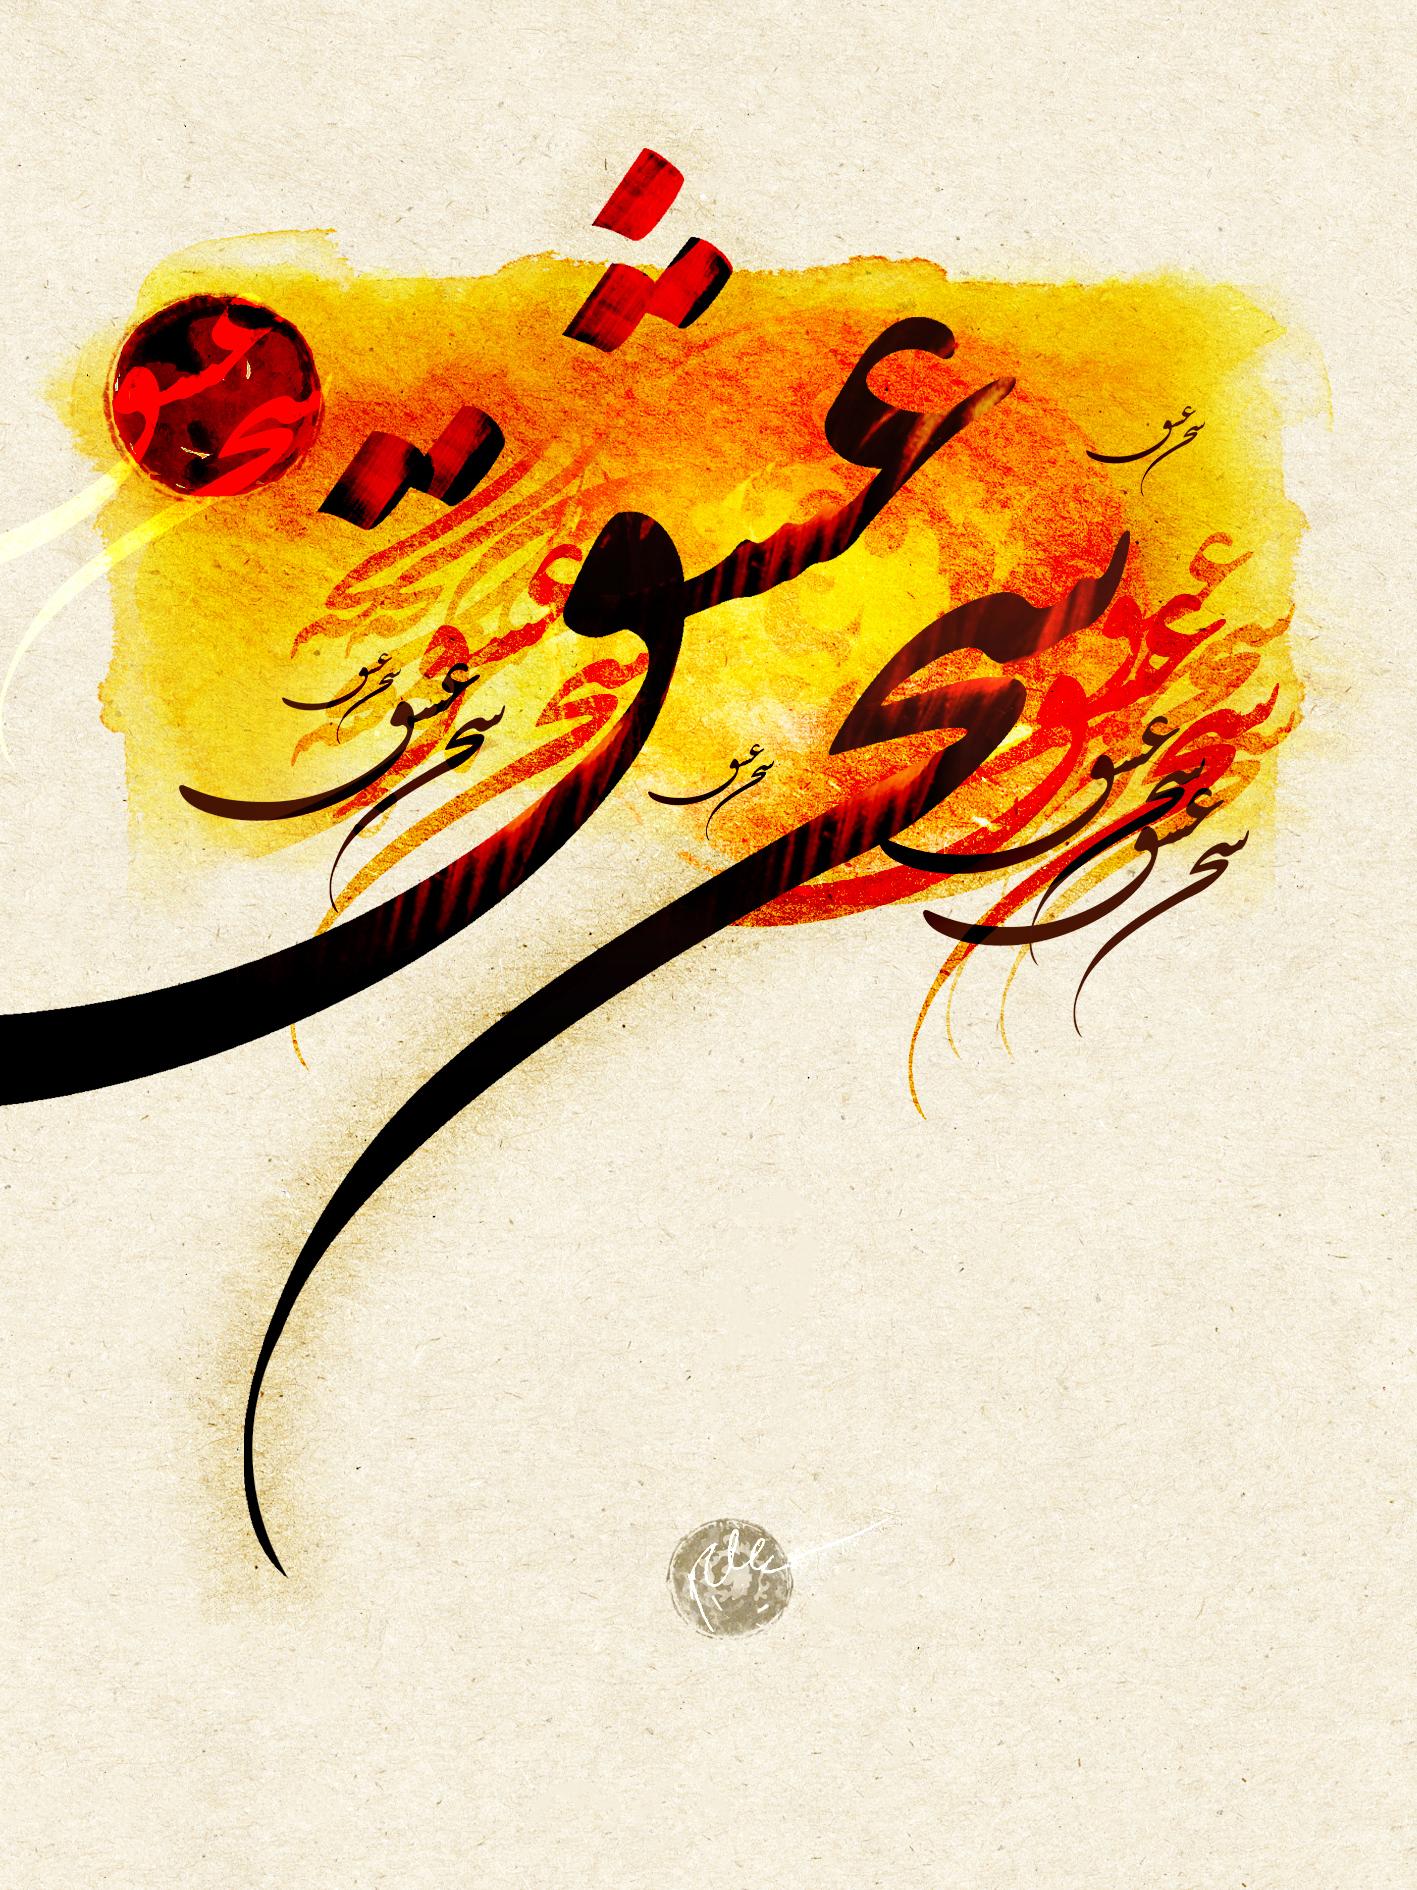 Hintergrundbilder : Liebe, Arabisch 1417x1890 - ostadreza ...